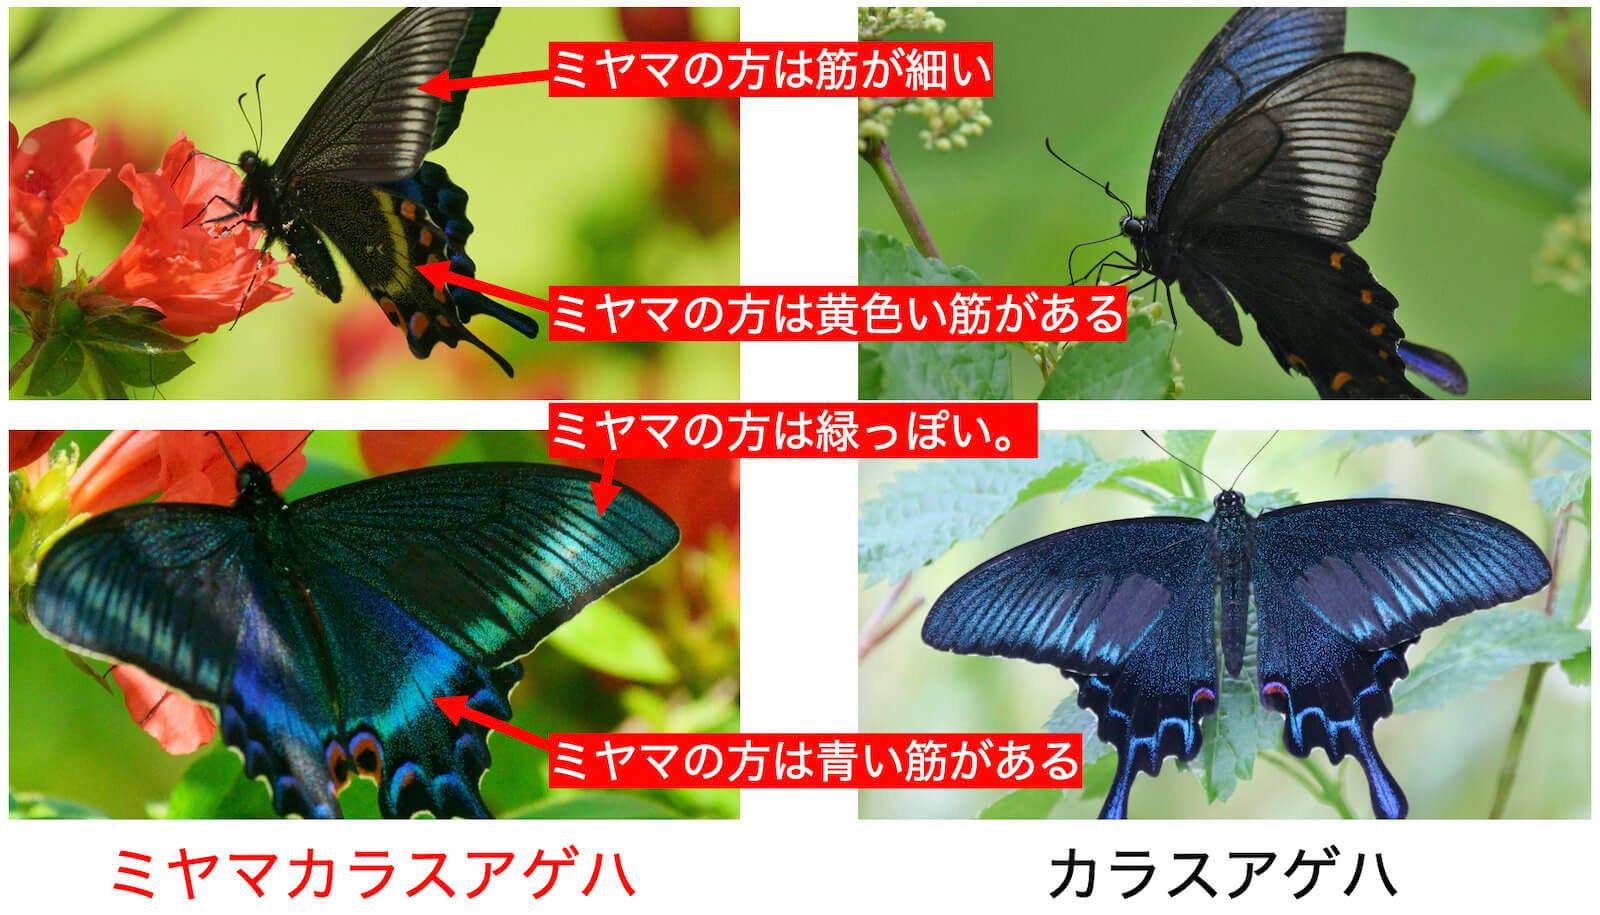 ミヤマカラスアゲハ〜碧(へき)と翠(みどり)の競演。カラスアゲハとの違いも